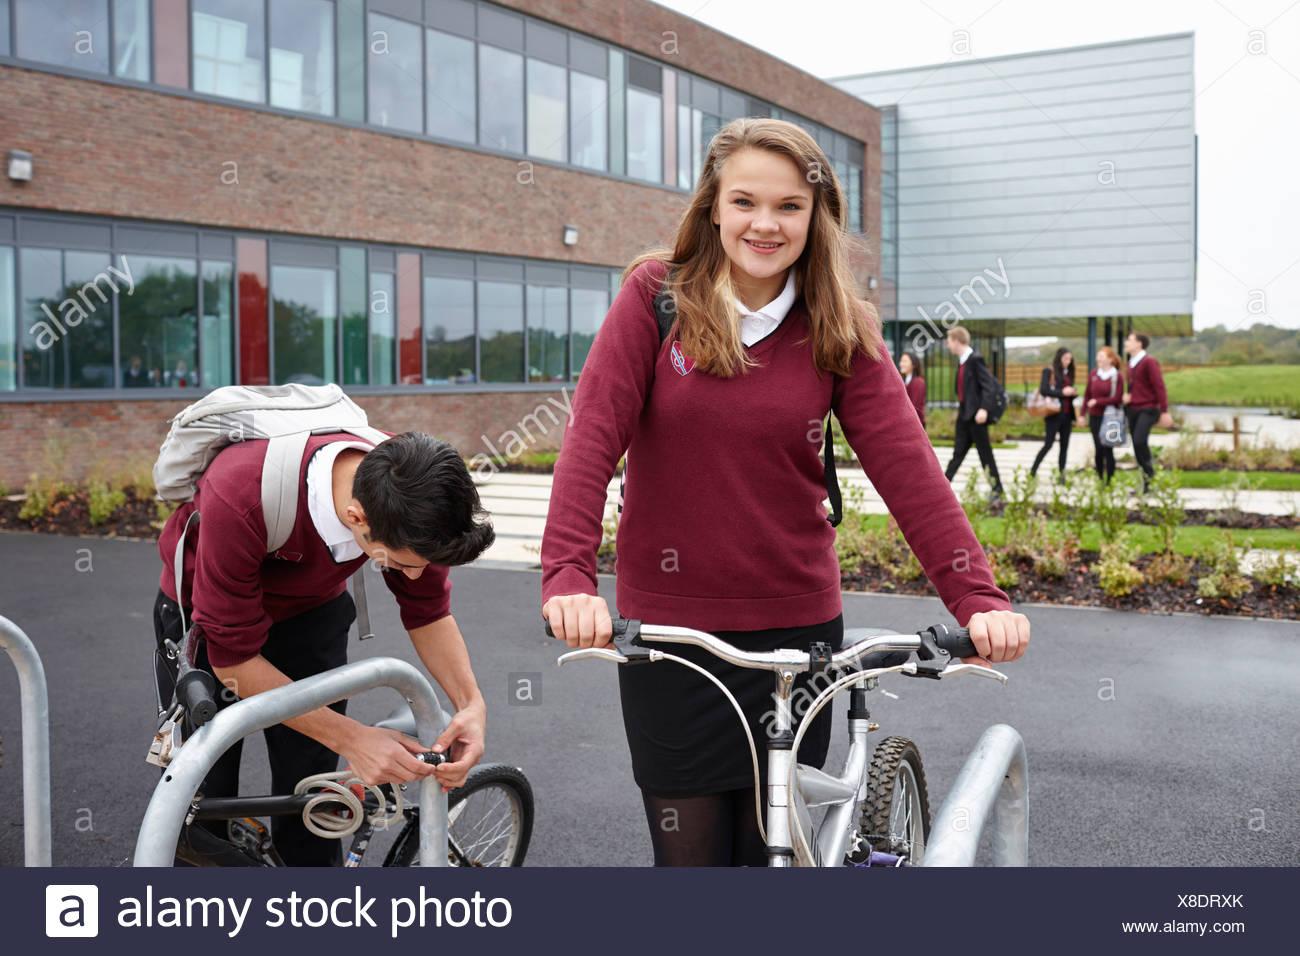 Ciclos de desbloqueo de los adolescentes fuera de la escuela Foto de stock